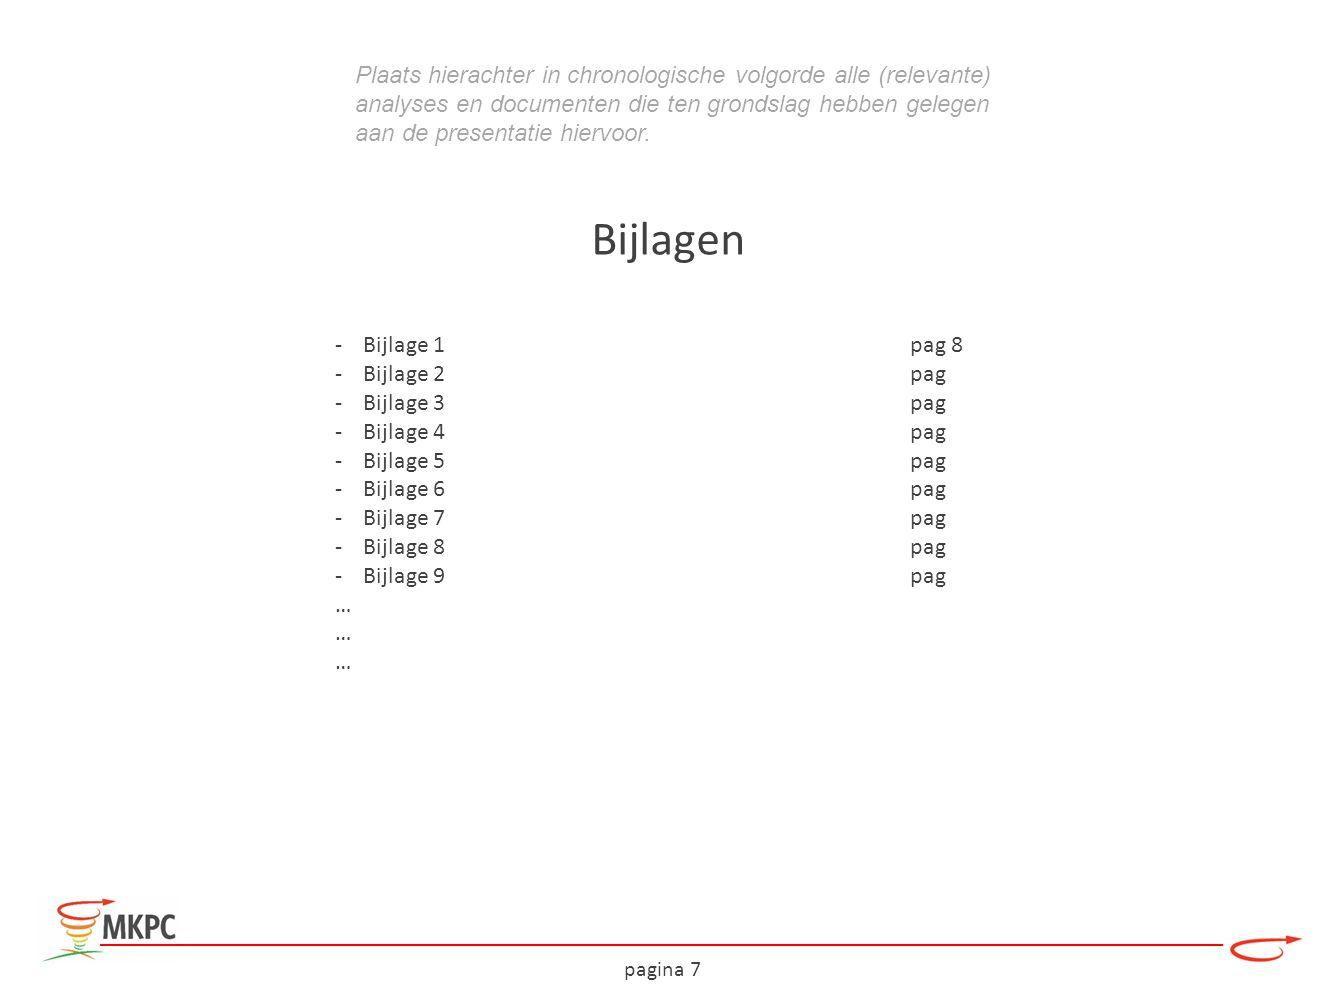 pagina 7 Bijlagen Plaats hierachter in chronologische volgorde alle (relevante) analyses en documenten die ten grondslag hebben gelegen aan de present